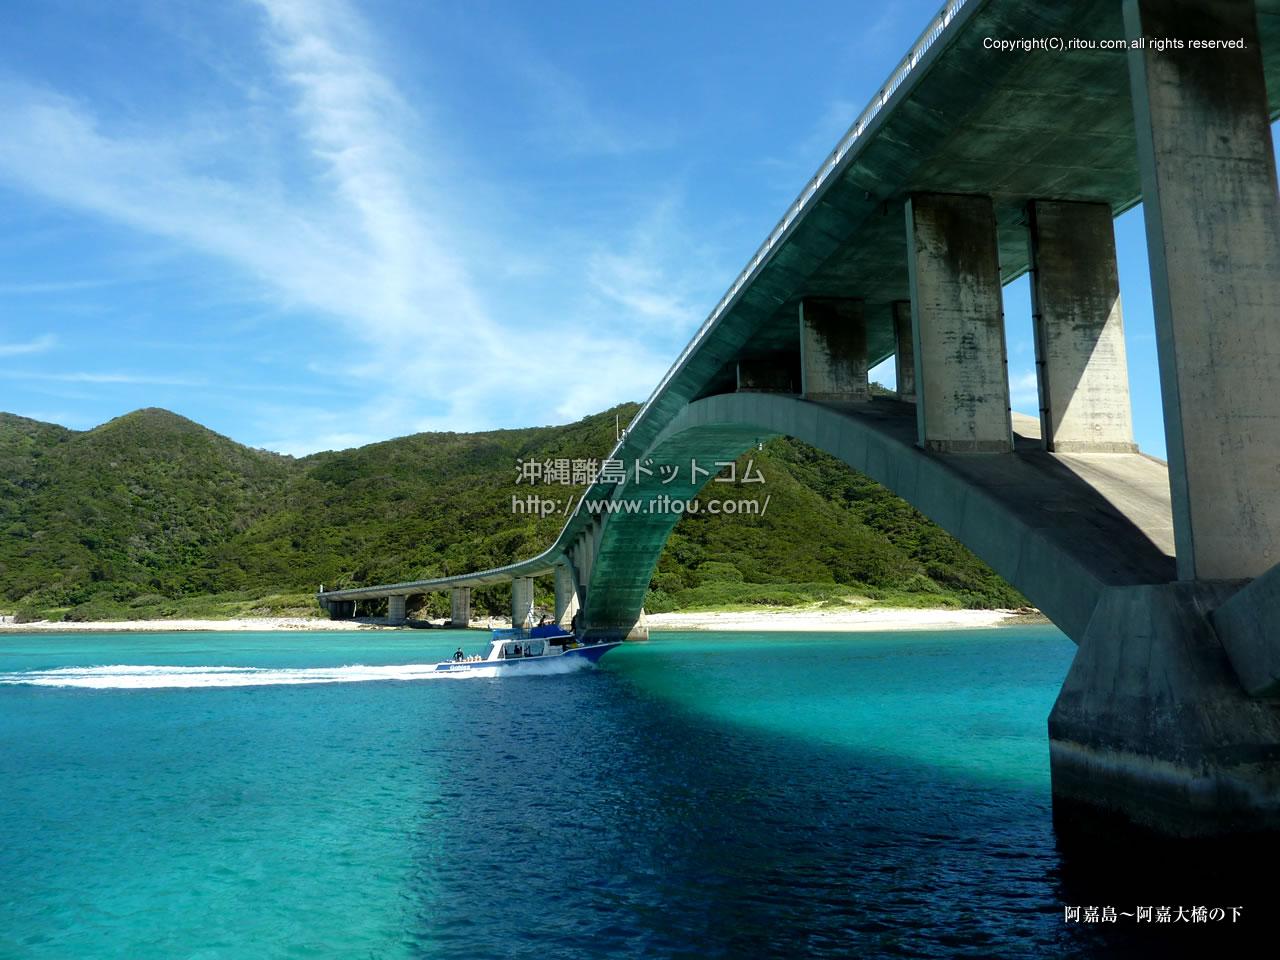 阿嘉島〜阿嘉大橋の下